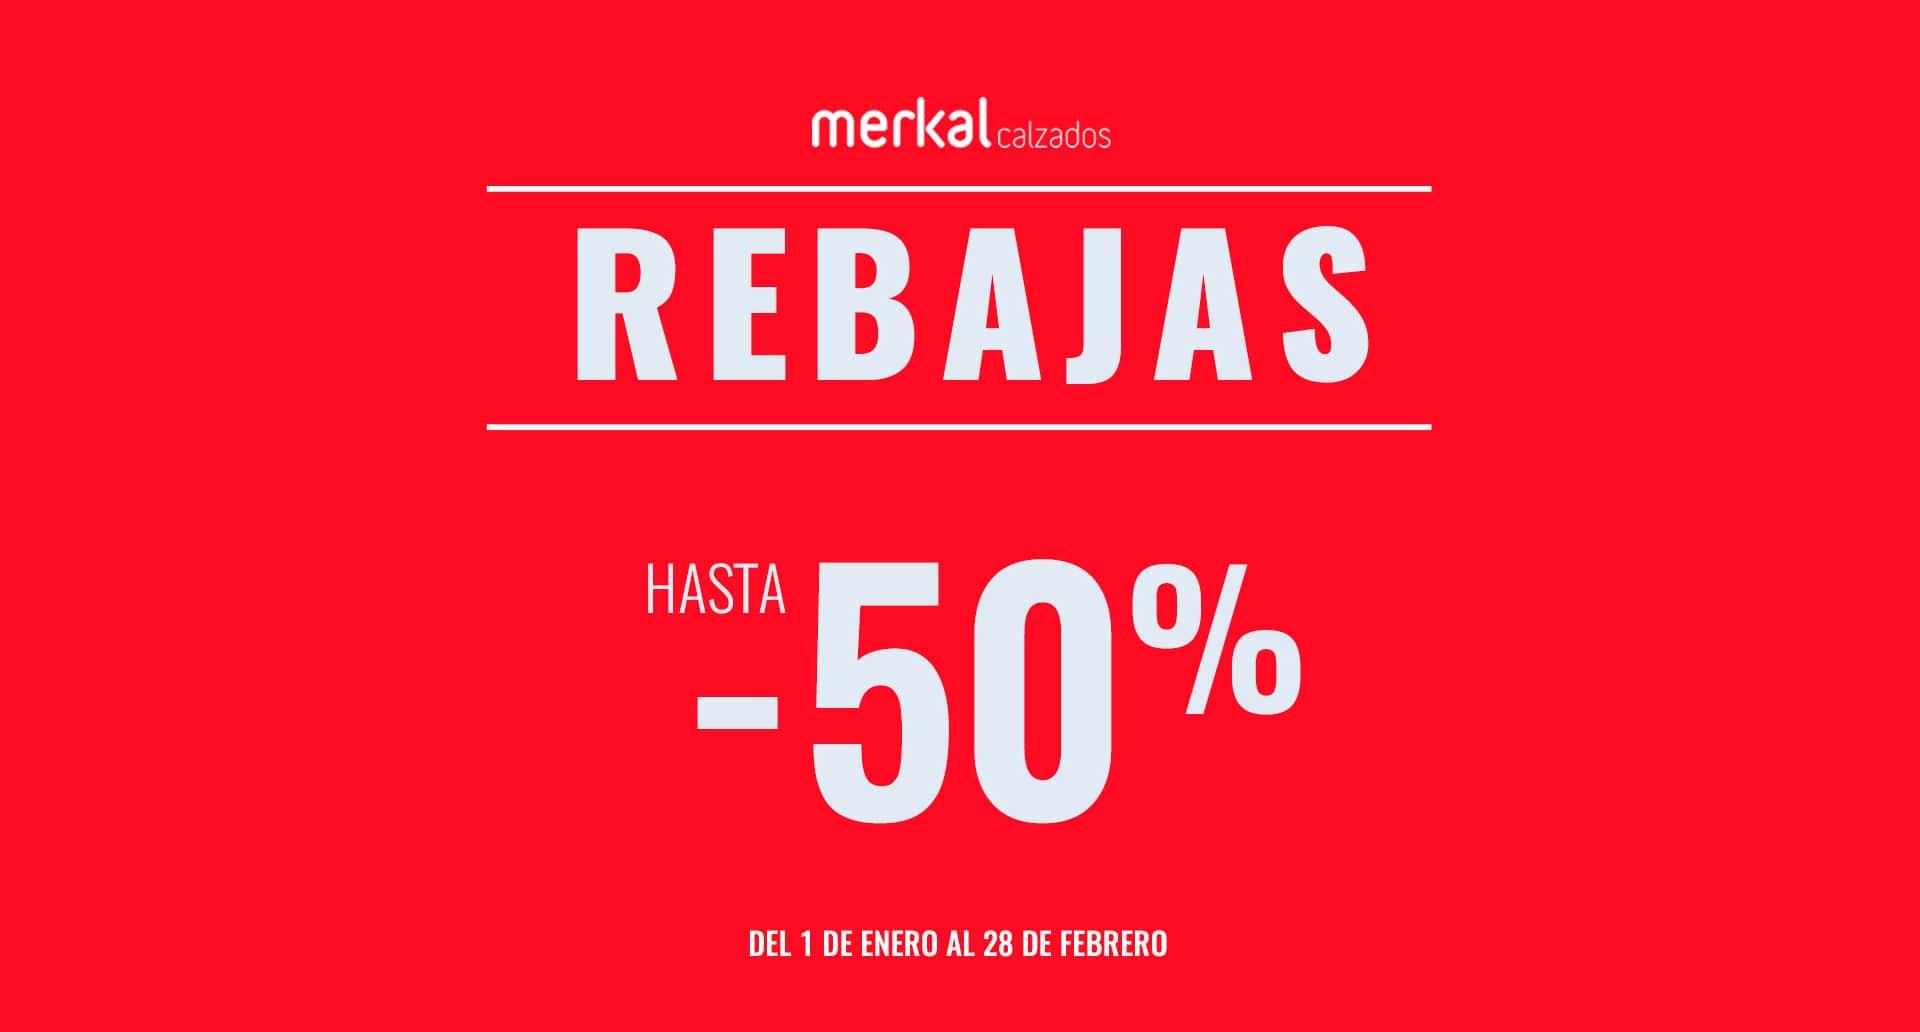 Rebajas de hasta el -50% en Merkal Calzados